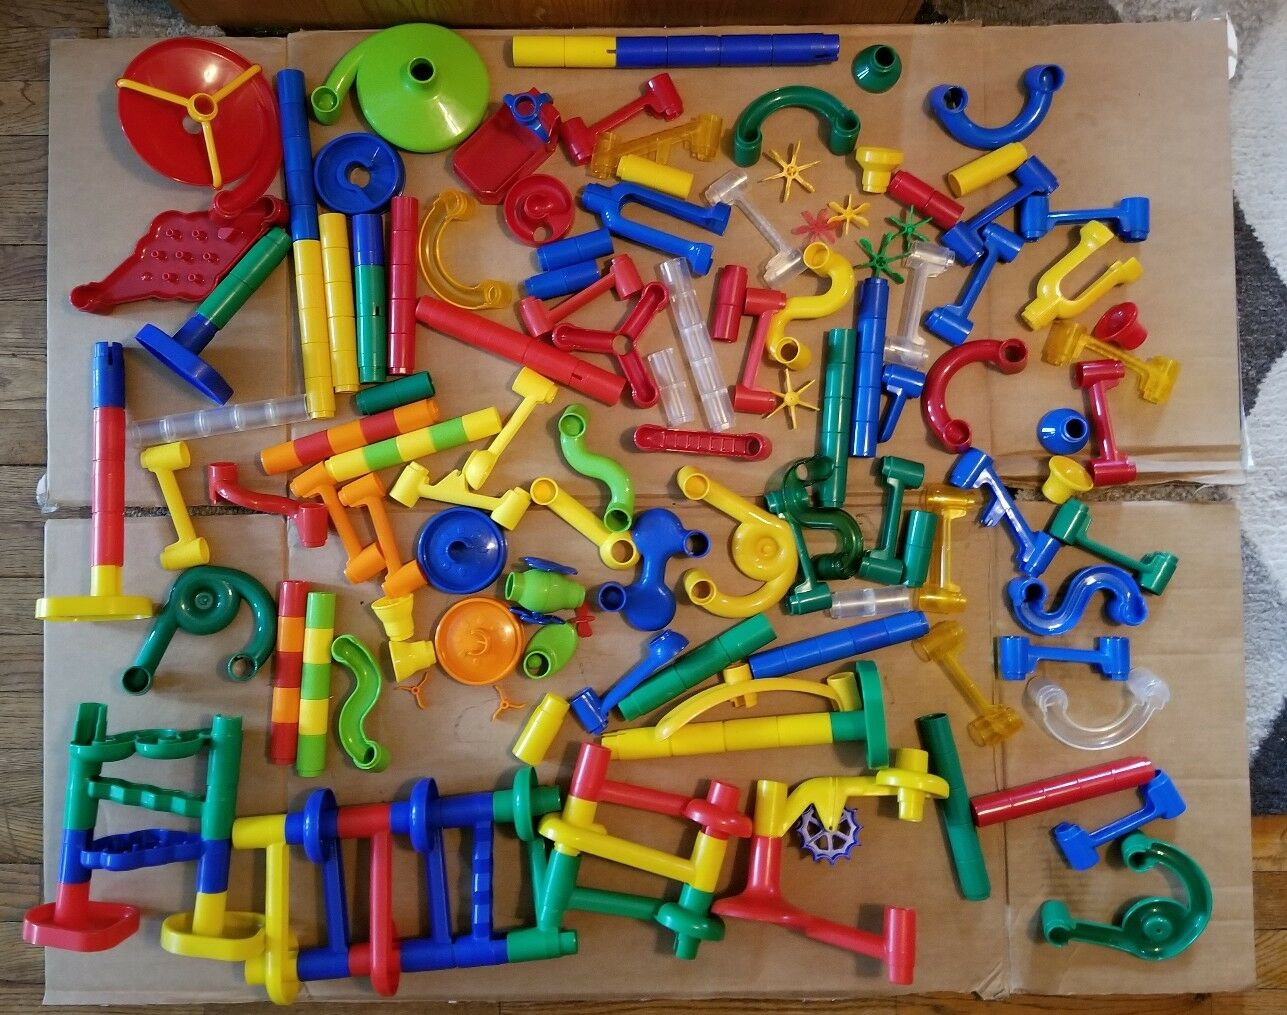 Marble Race Run Maze Works Construction Building Toys Chutes Bridges MASSIVE LOT